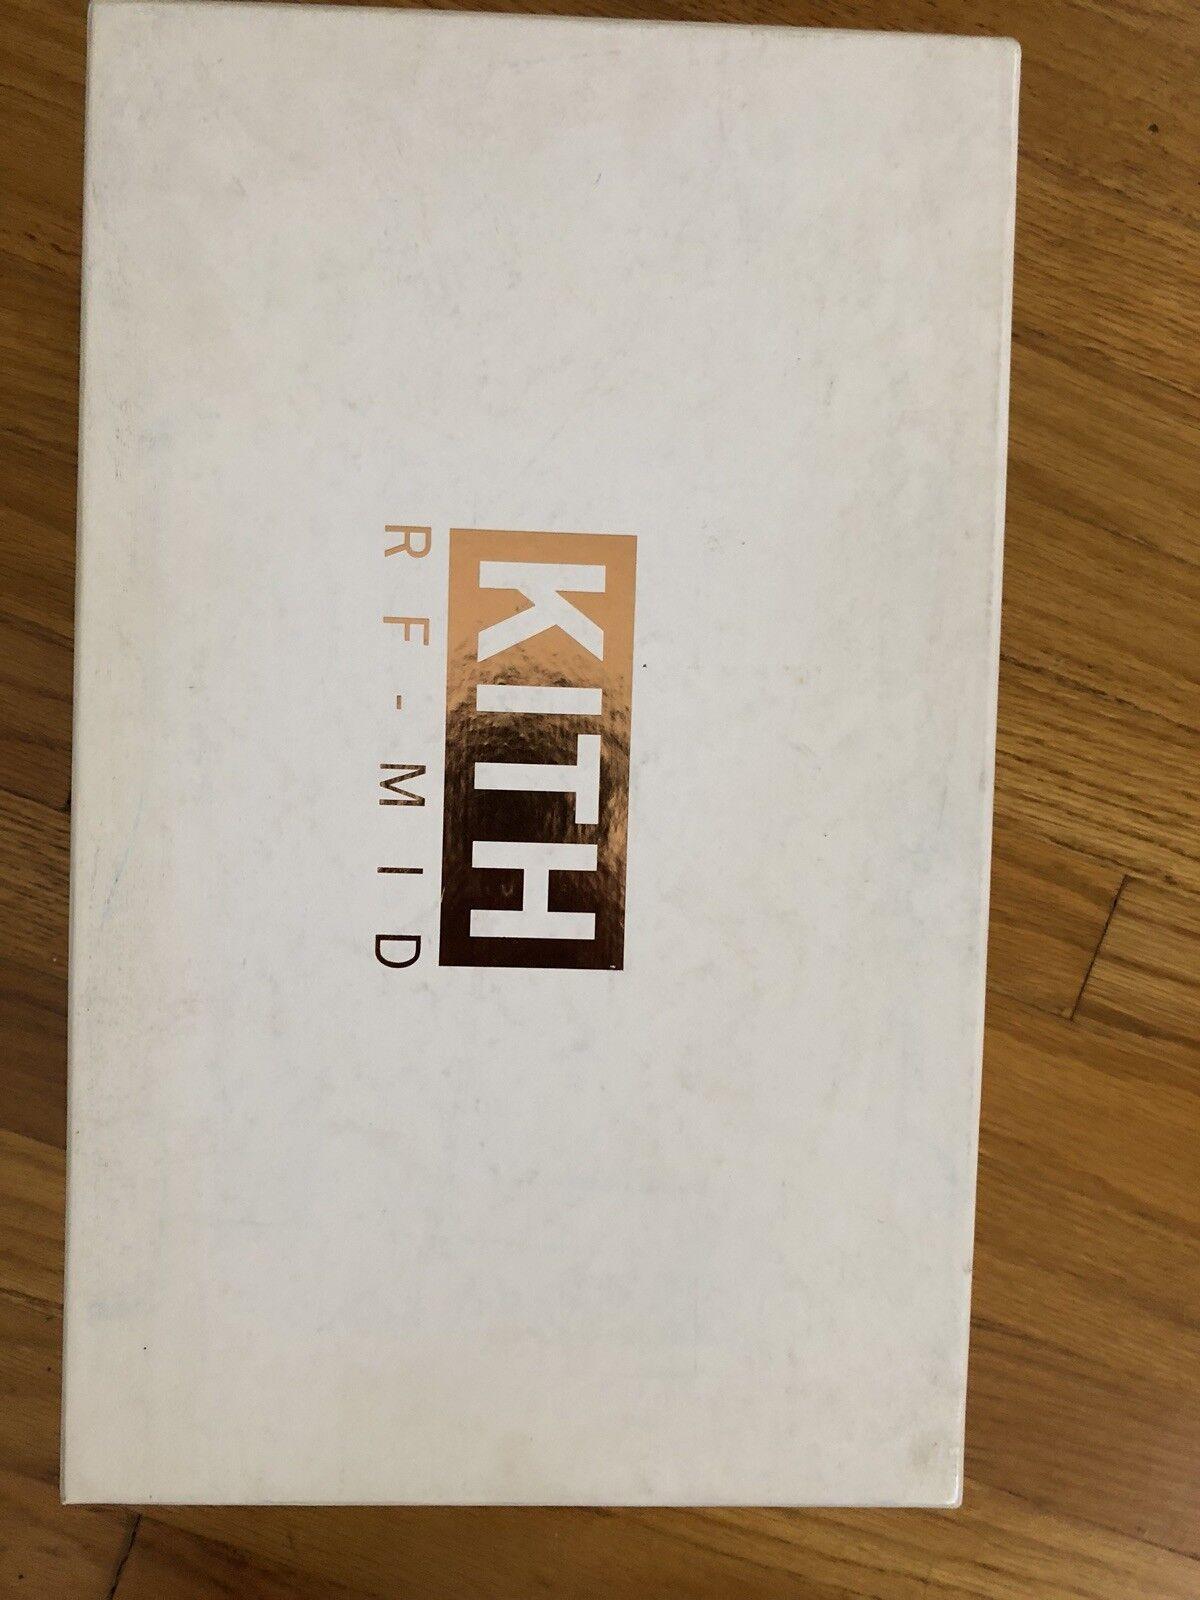 Kith Kith Kith Filling Mid Top Acolchado X Tamaño 12.5 Pieces 28e676